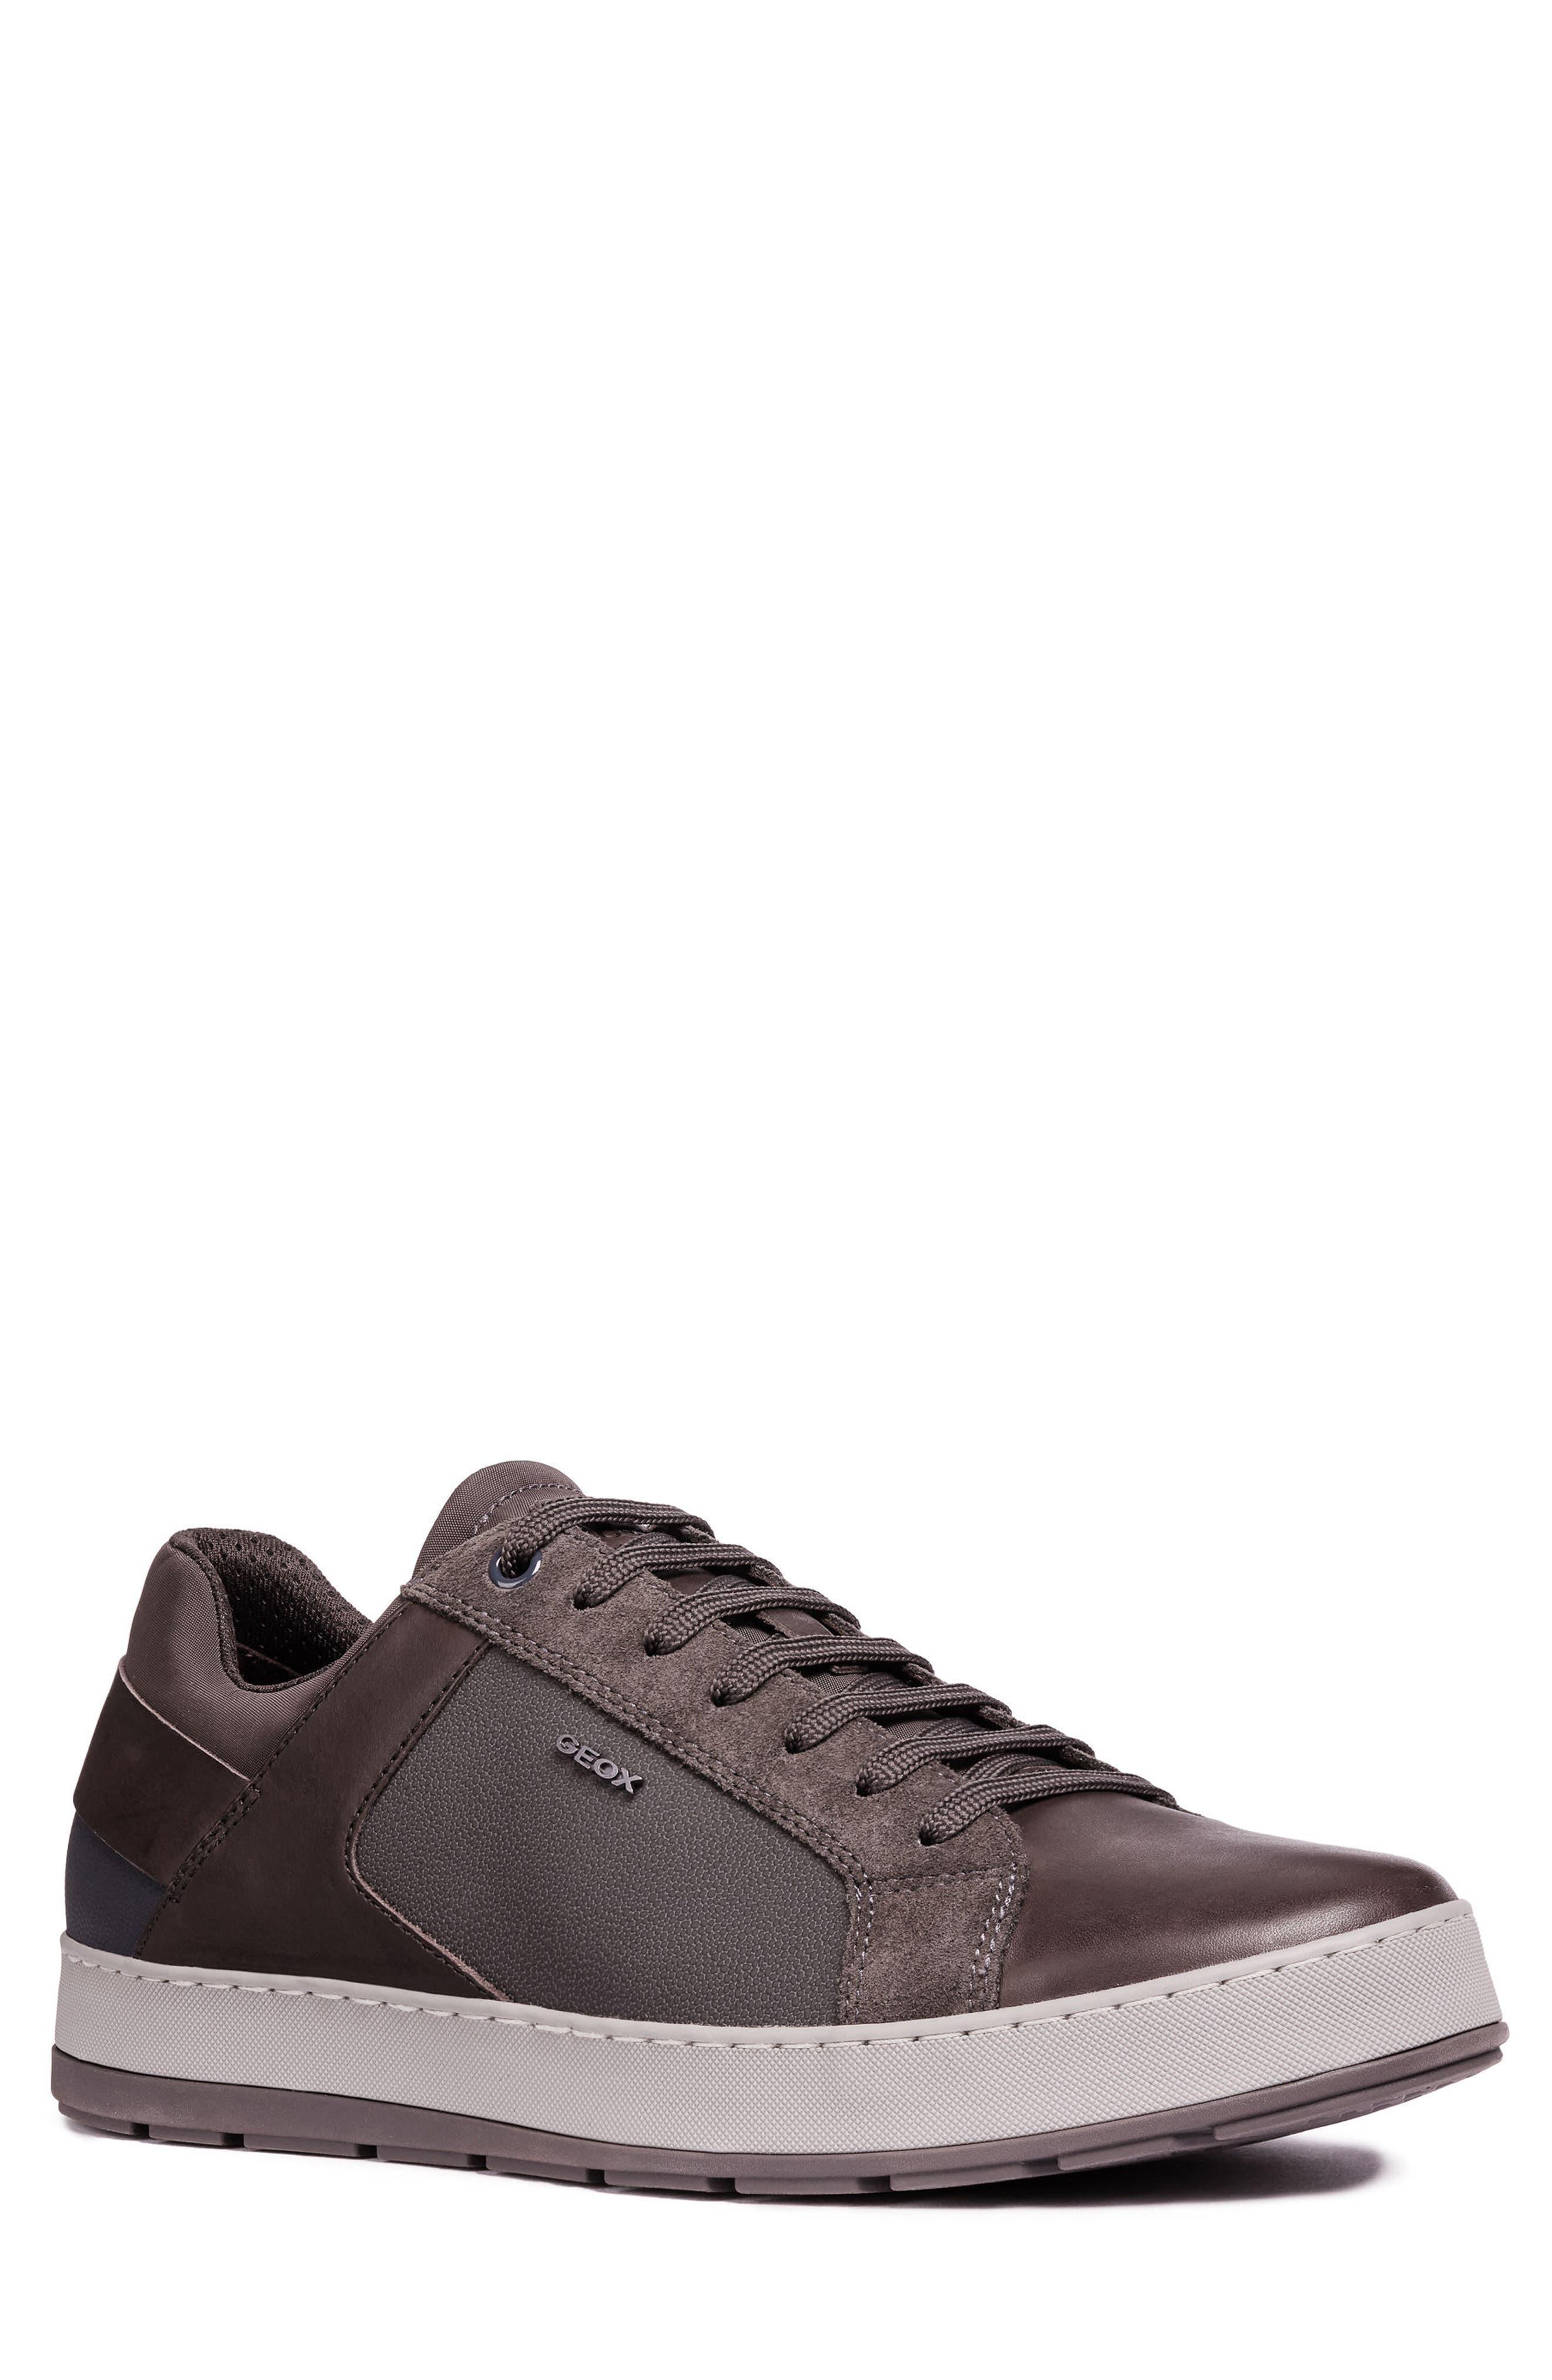 Geox Ariam 1 Low Top Sneaker, Brown